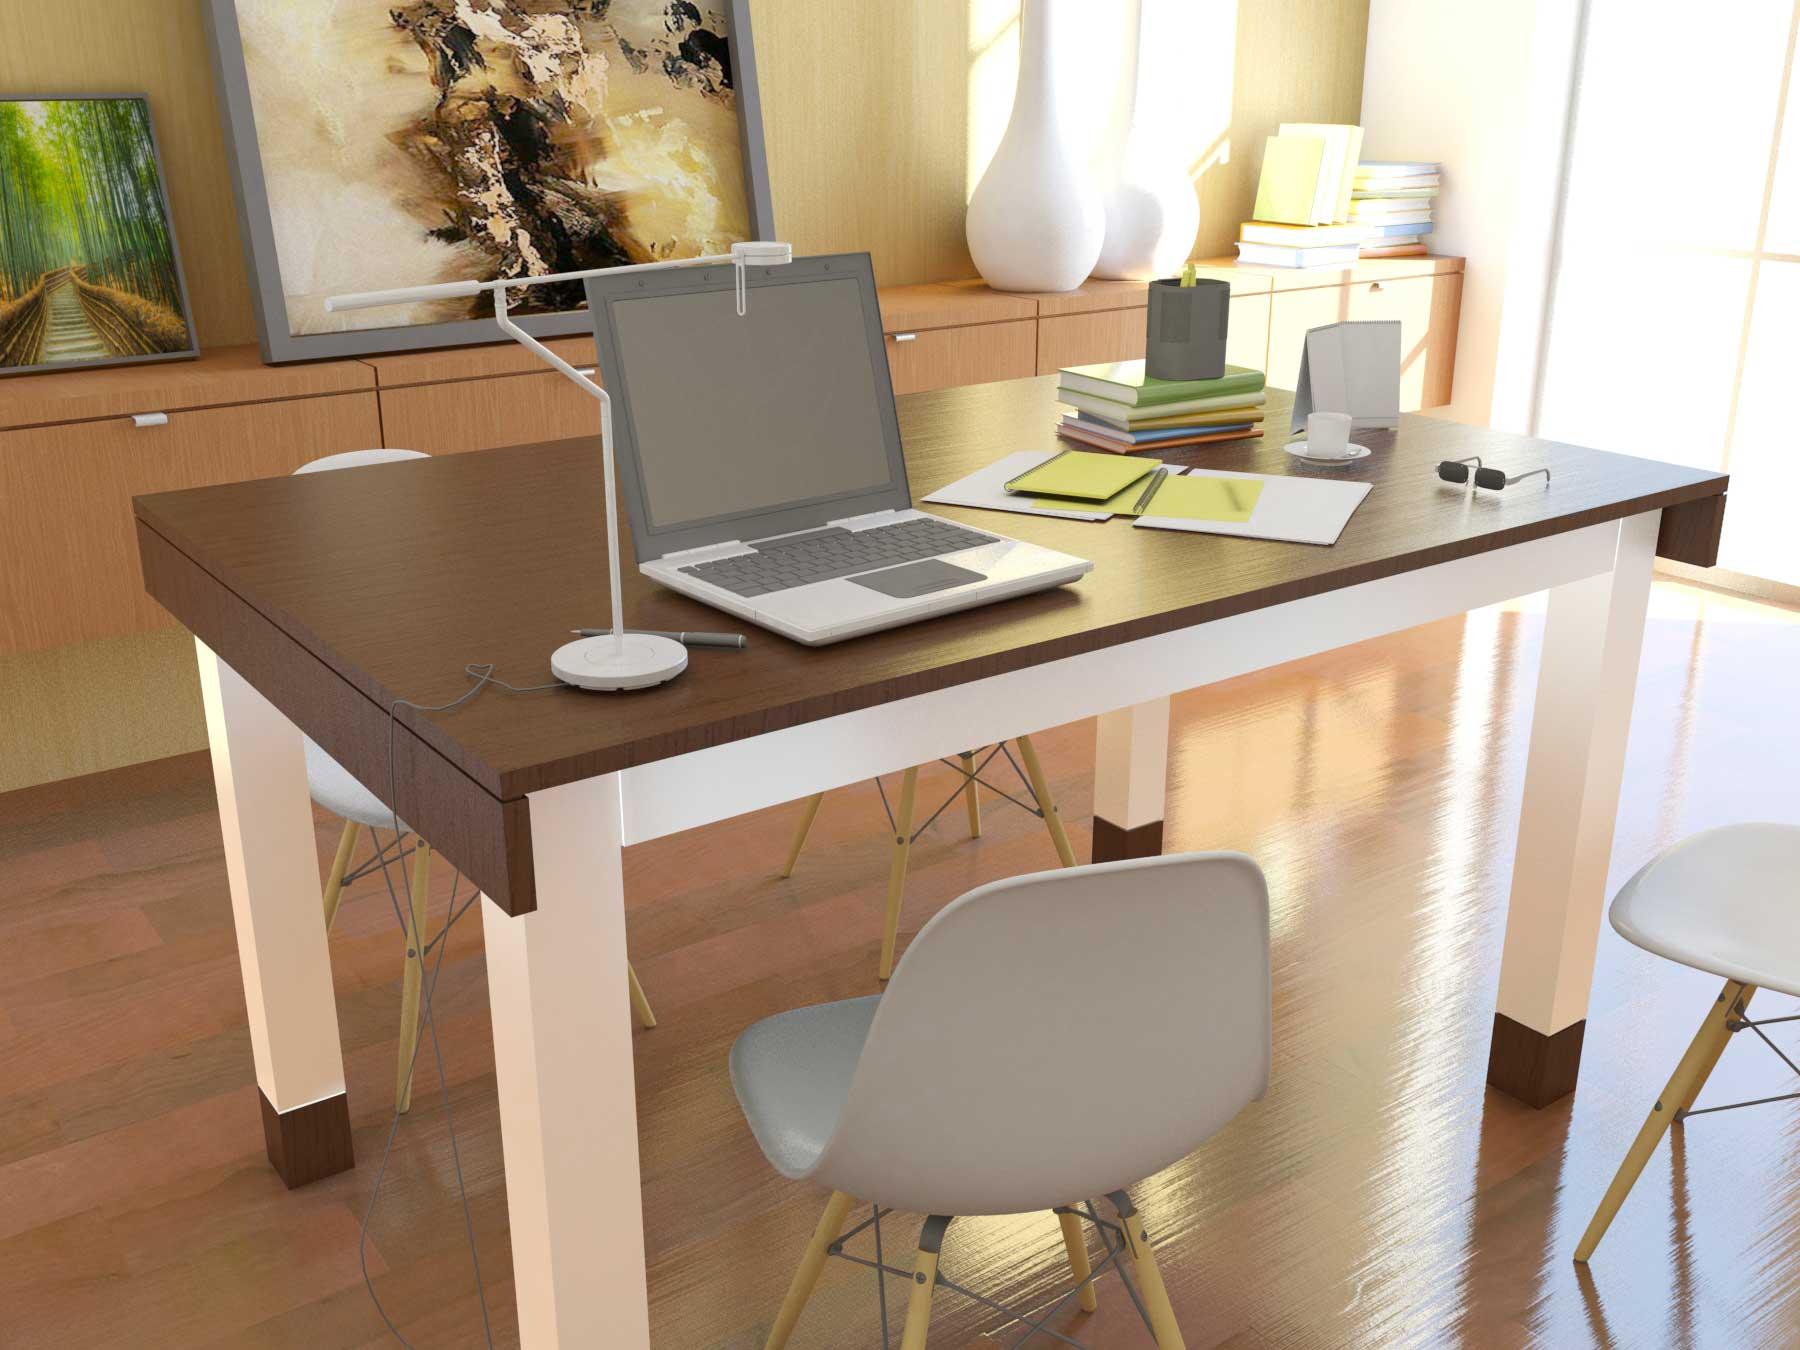 Mesas Precio | Encantador Mesas Para Bar Precios Galería De Mesas Diseño